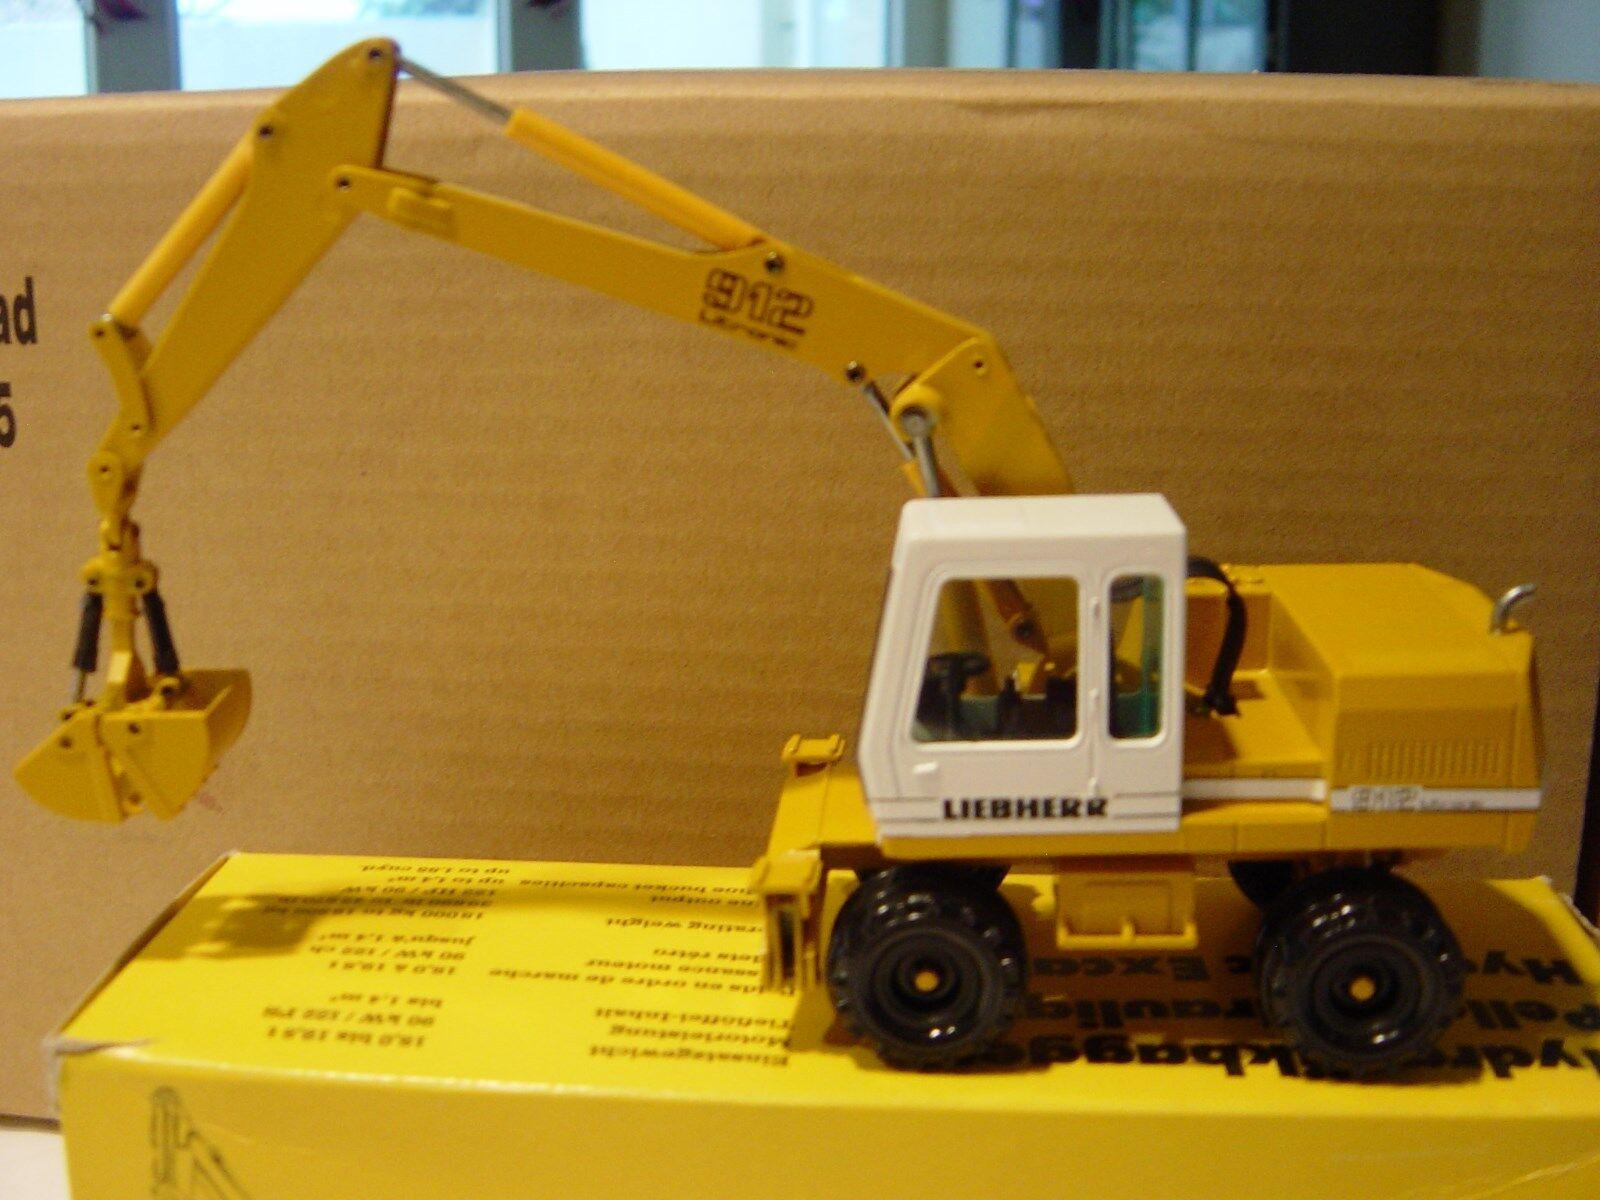 CONRAD A912 Excavator and CS653 Compactor Compactor Compactor MIB 2 Piece Set 052415